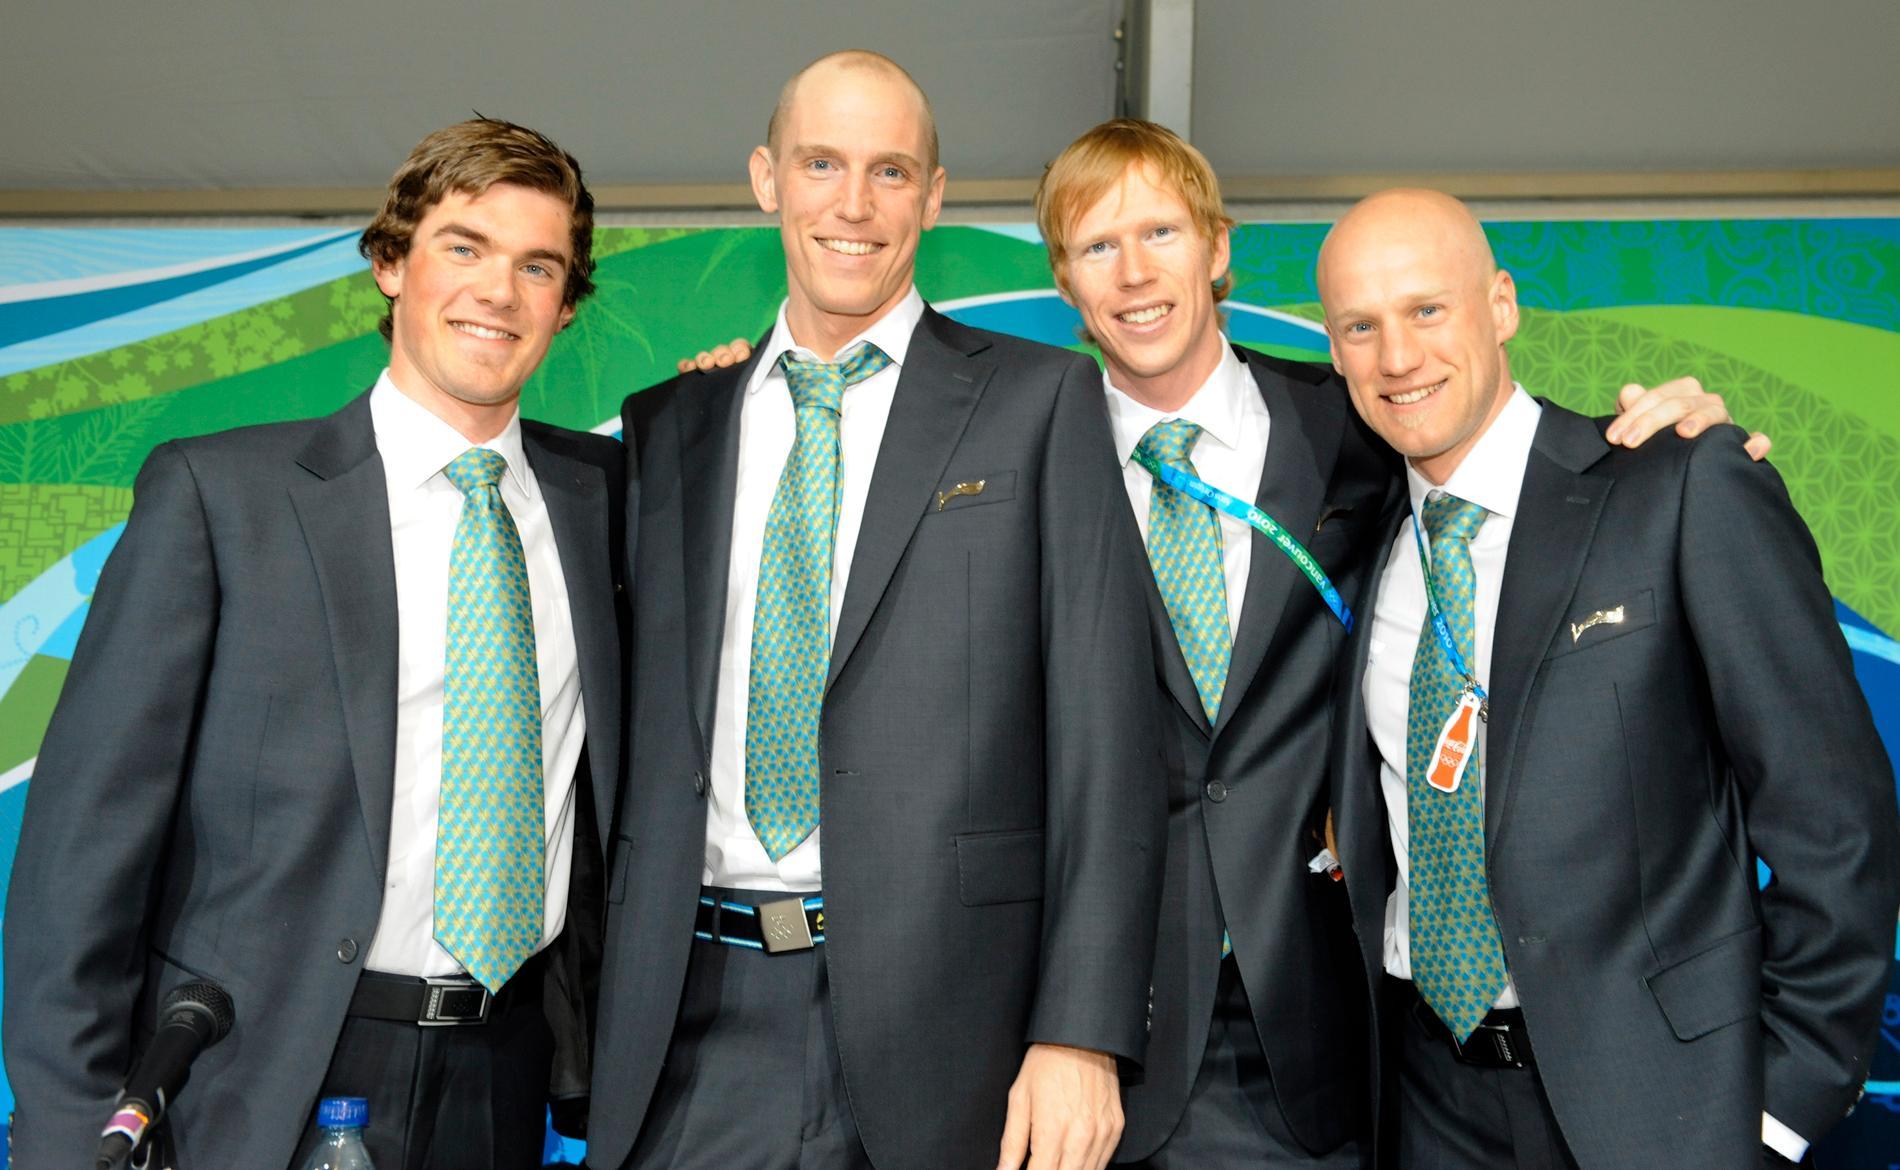 Det svenska stafettlaget vid OS i Vancouver 2010 – och nyblivna bronsmedaljörer: Fredrik Lindström, Björn Ferry, Mattias Nilsson and Carl-Johan Bergman.